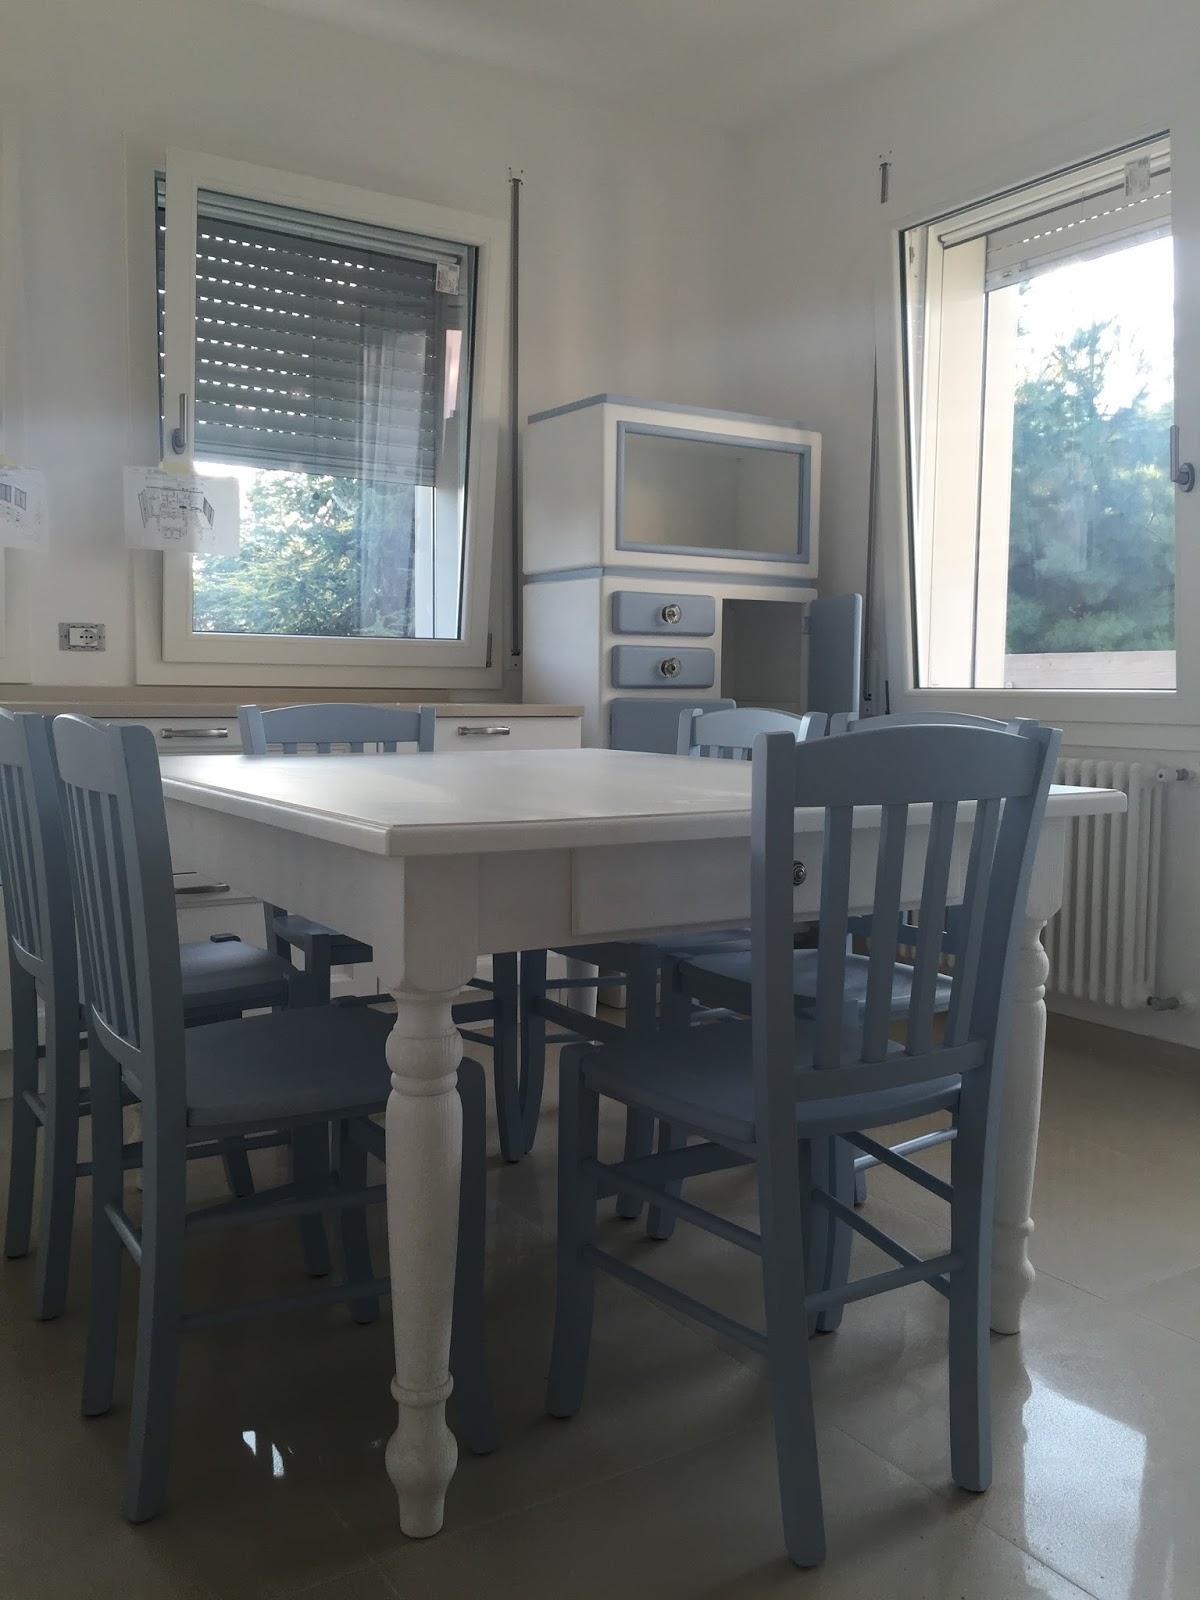 ShabbyPassion: Di bianco e celeste, una cucina \